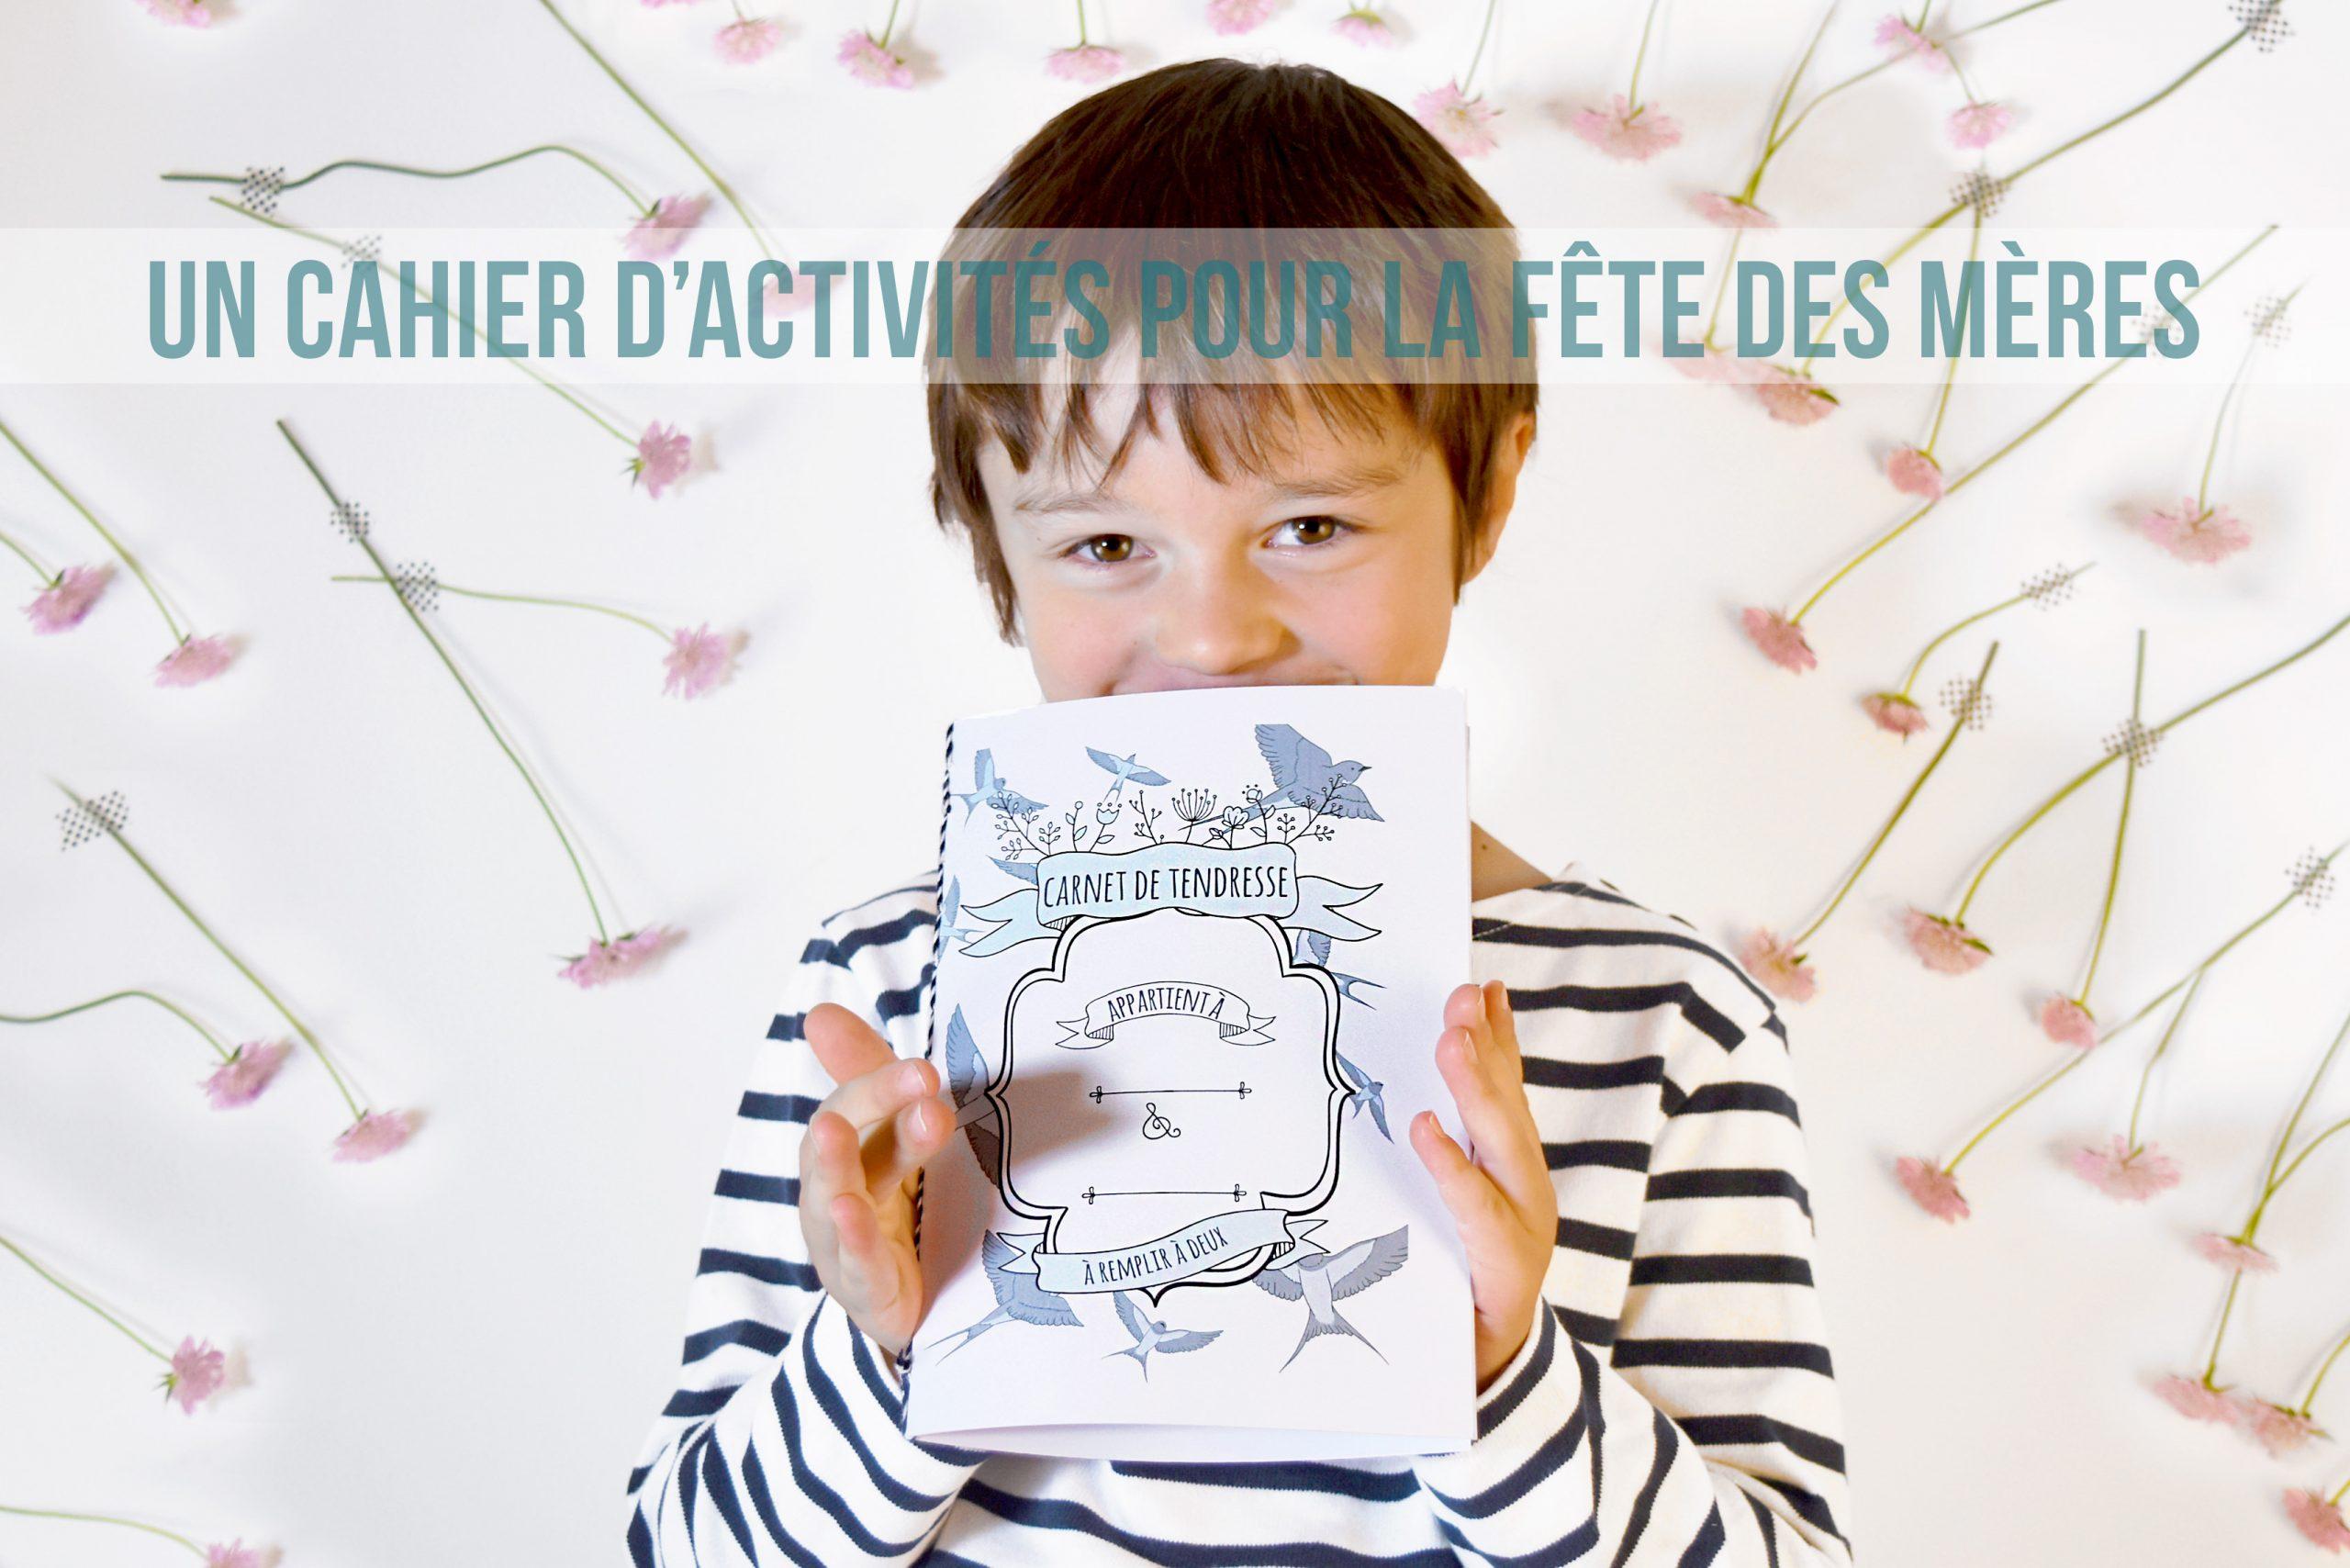 Activité Pour La Fête Des Mères : Un Joli Carnet À Fabriquer intérieur Cahier D Activité A Imprimer